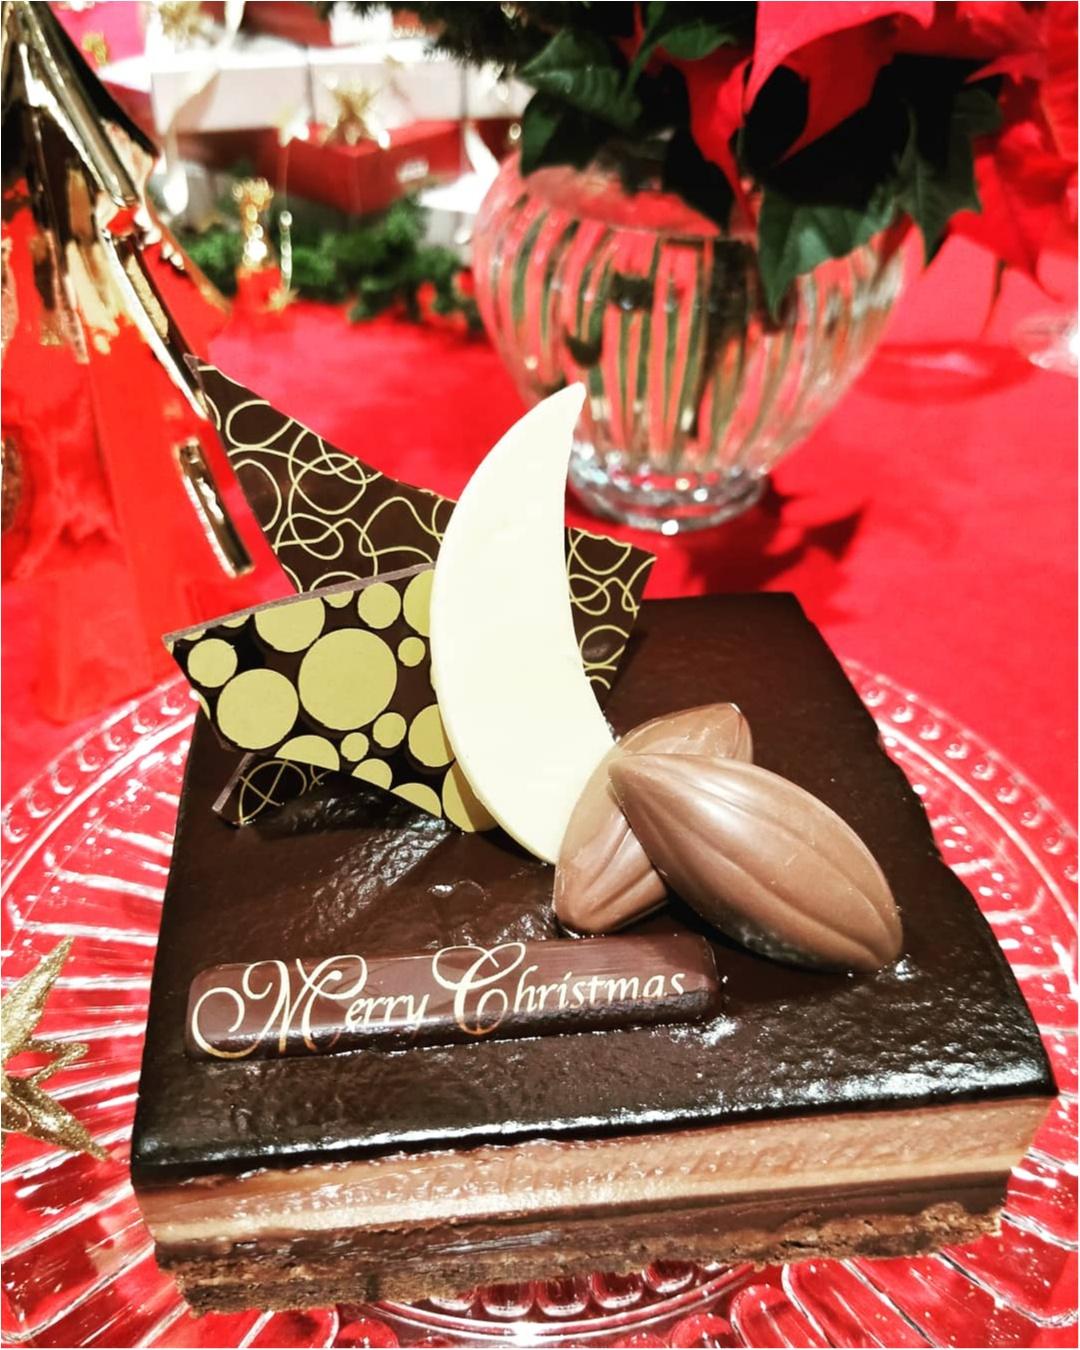 横浜チョコレート専門店「バニラビーンズ」のクリスマスケーキ試食会レポ♡_3